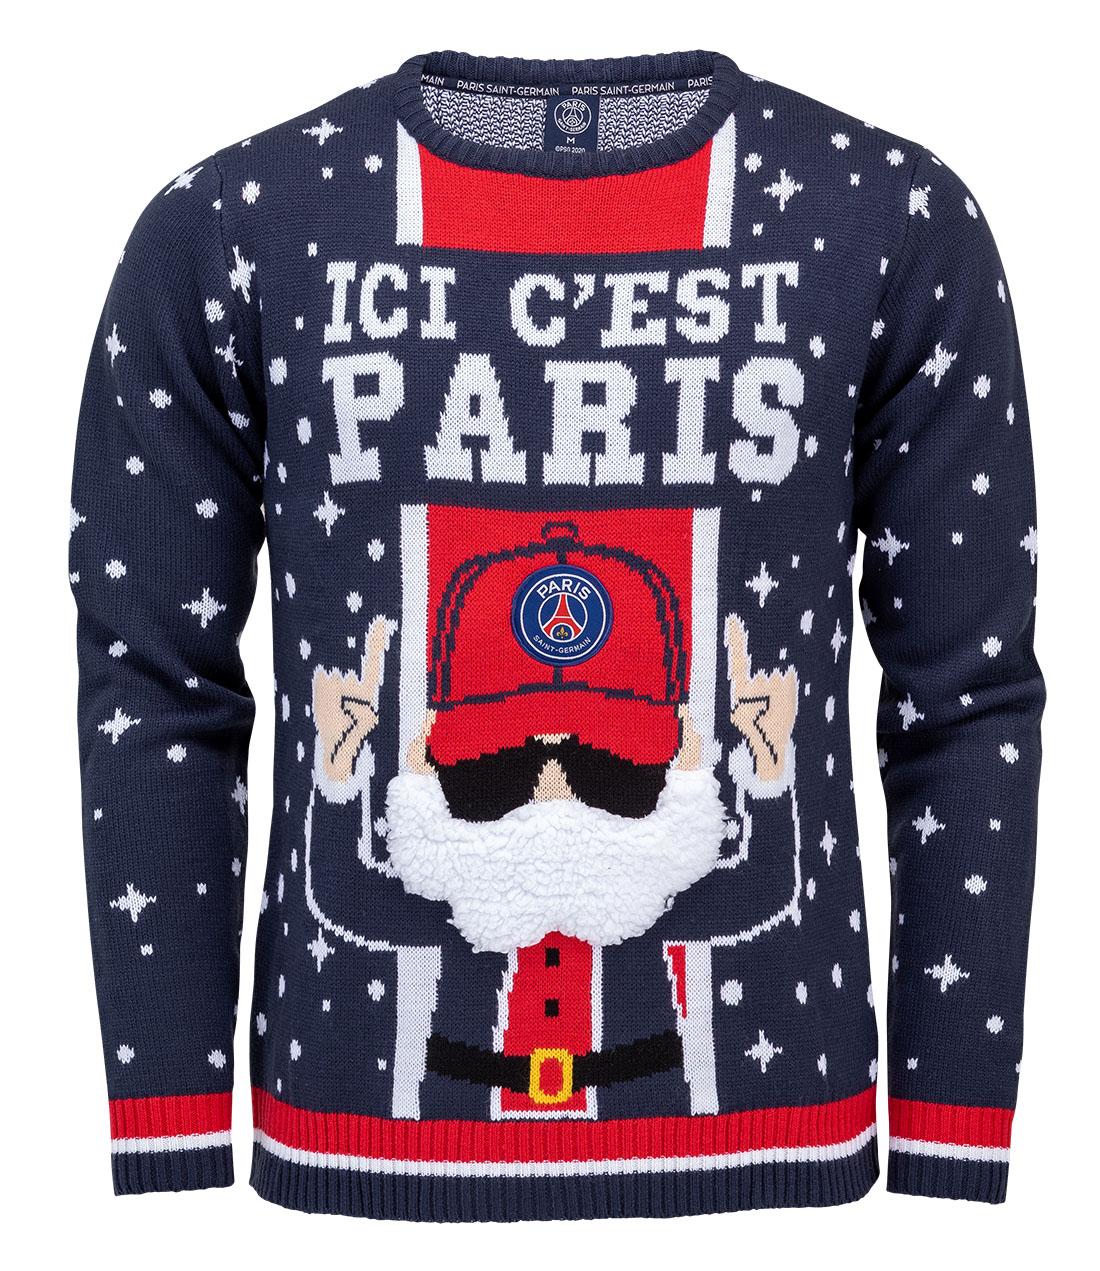 Pulls de Noël 2020 - Paris Saint-Germain